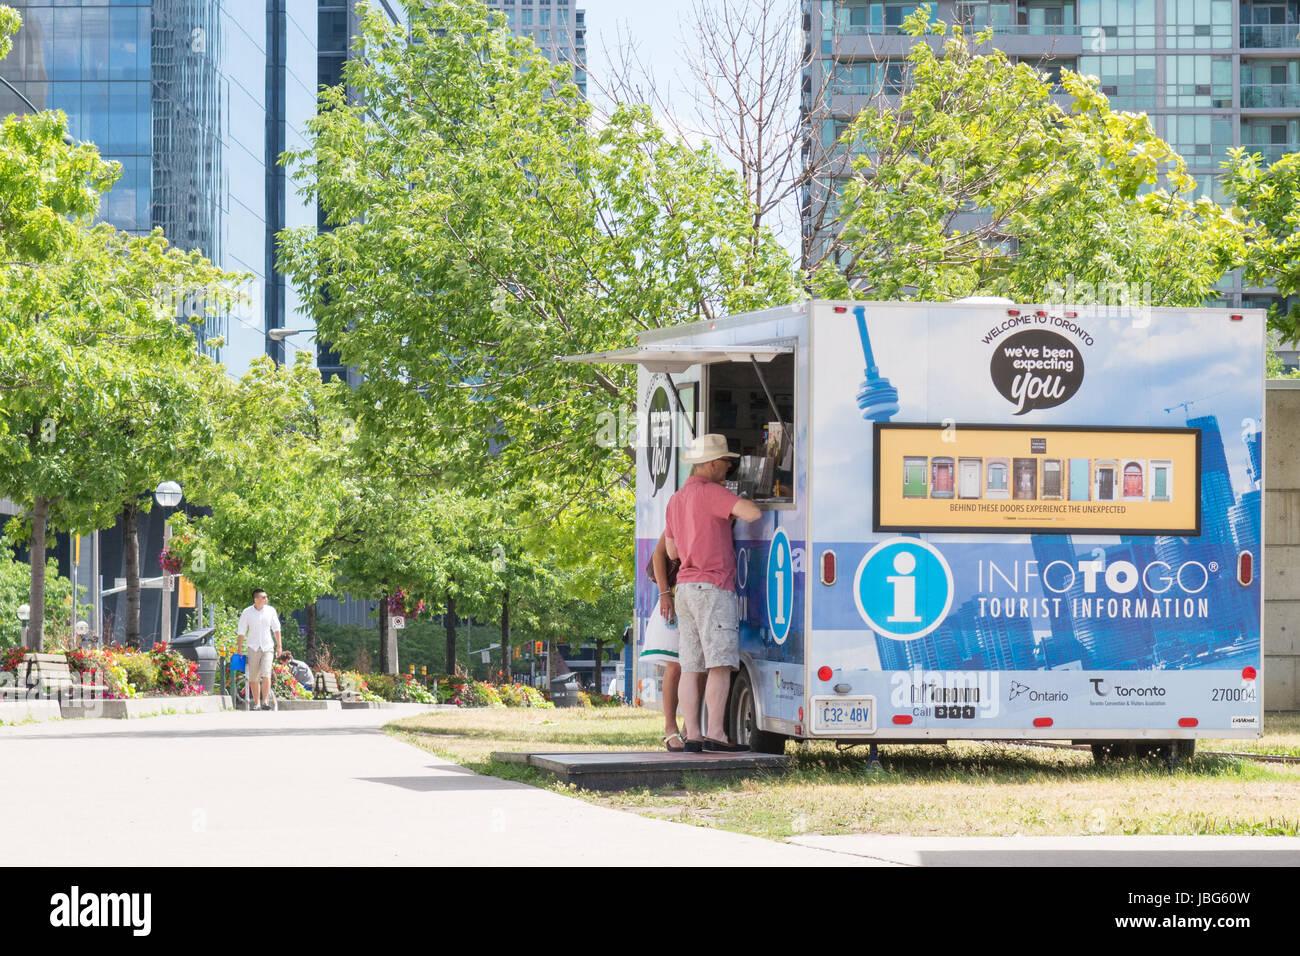 Mobile Informazioni turistiche Centro, INFOTOGO, Roundhouse Park, Toronto, Ontario, Canada Immagini Stock